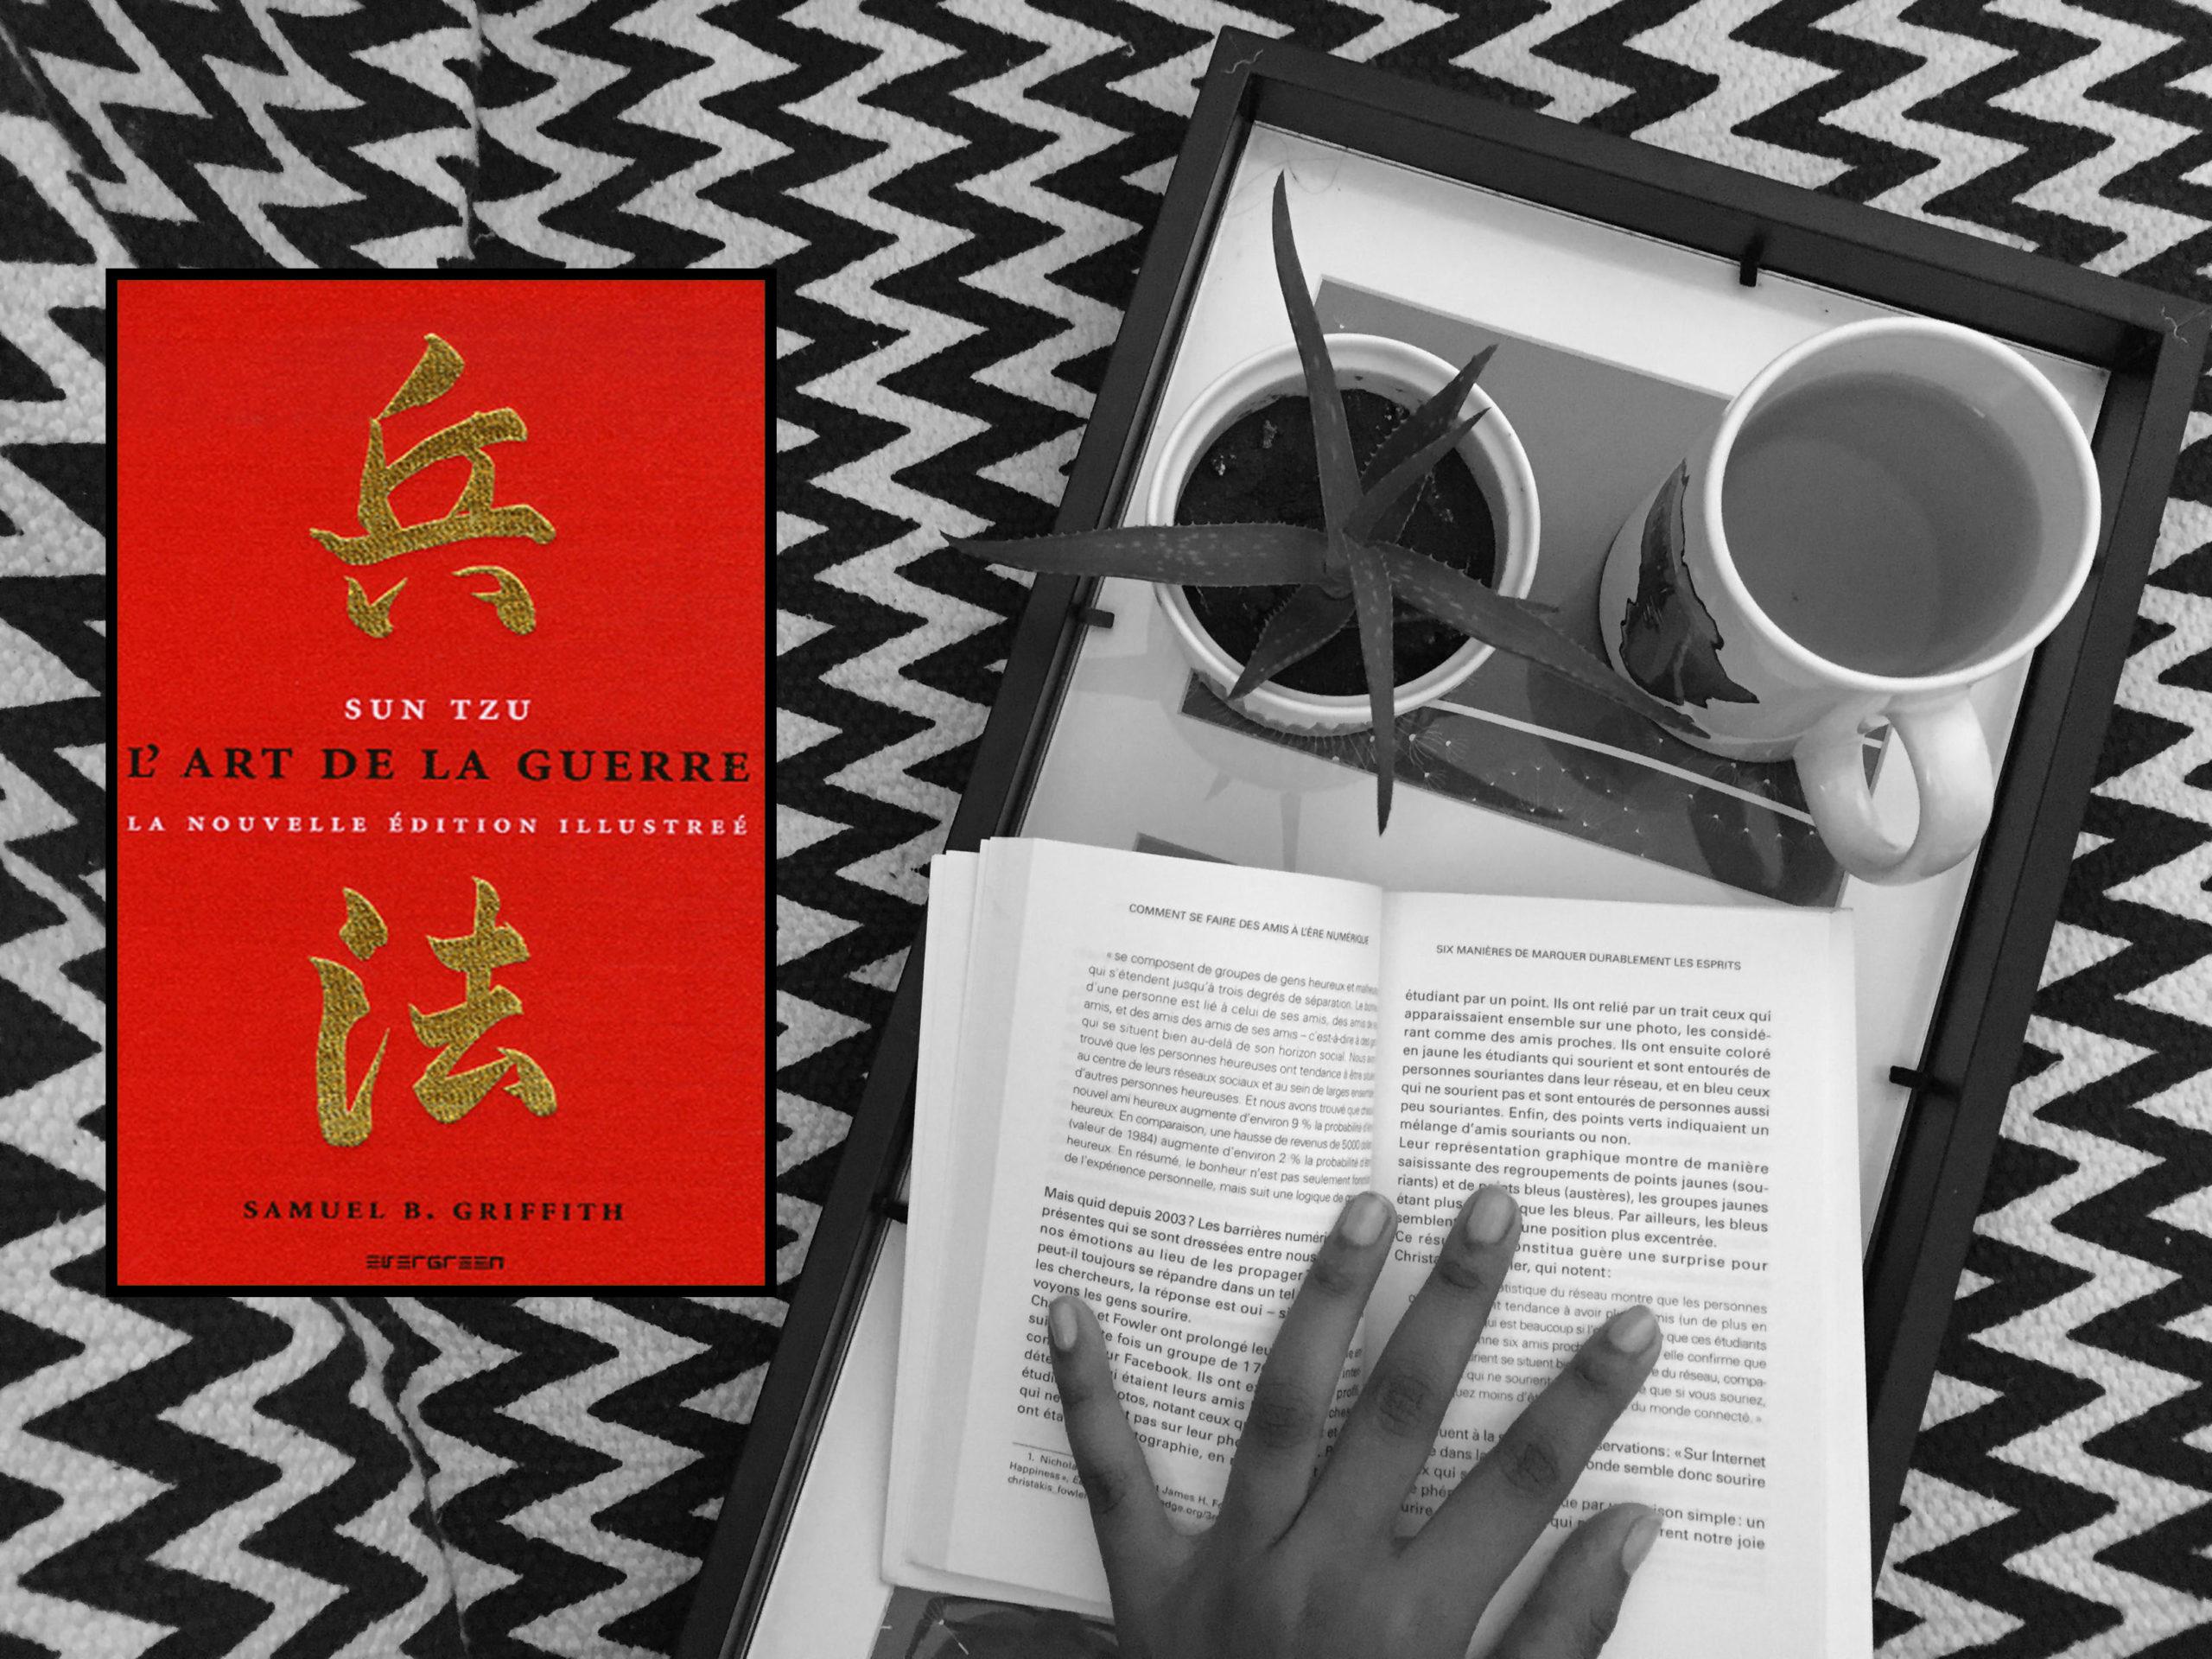 L'Art de la Guerre de Sun Tzu ou comment devenir un leader en 16 leçons